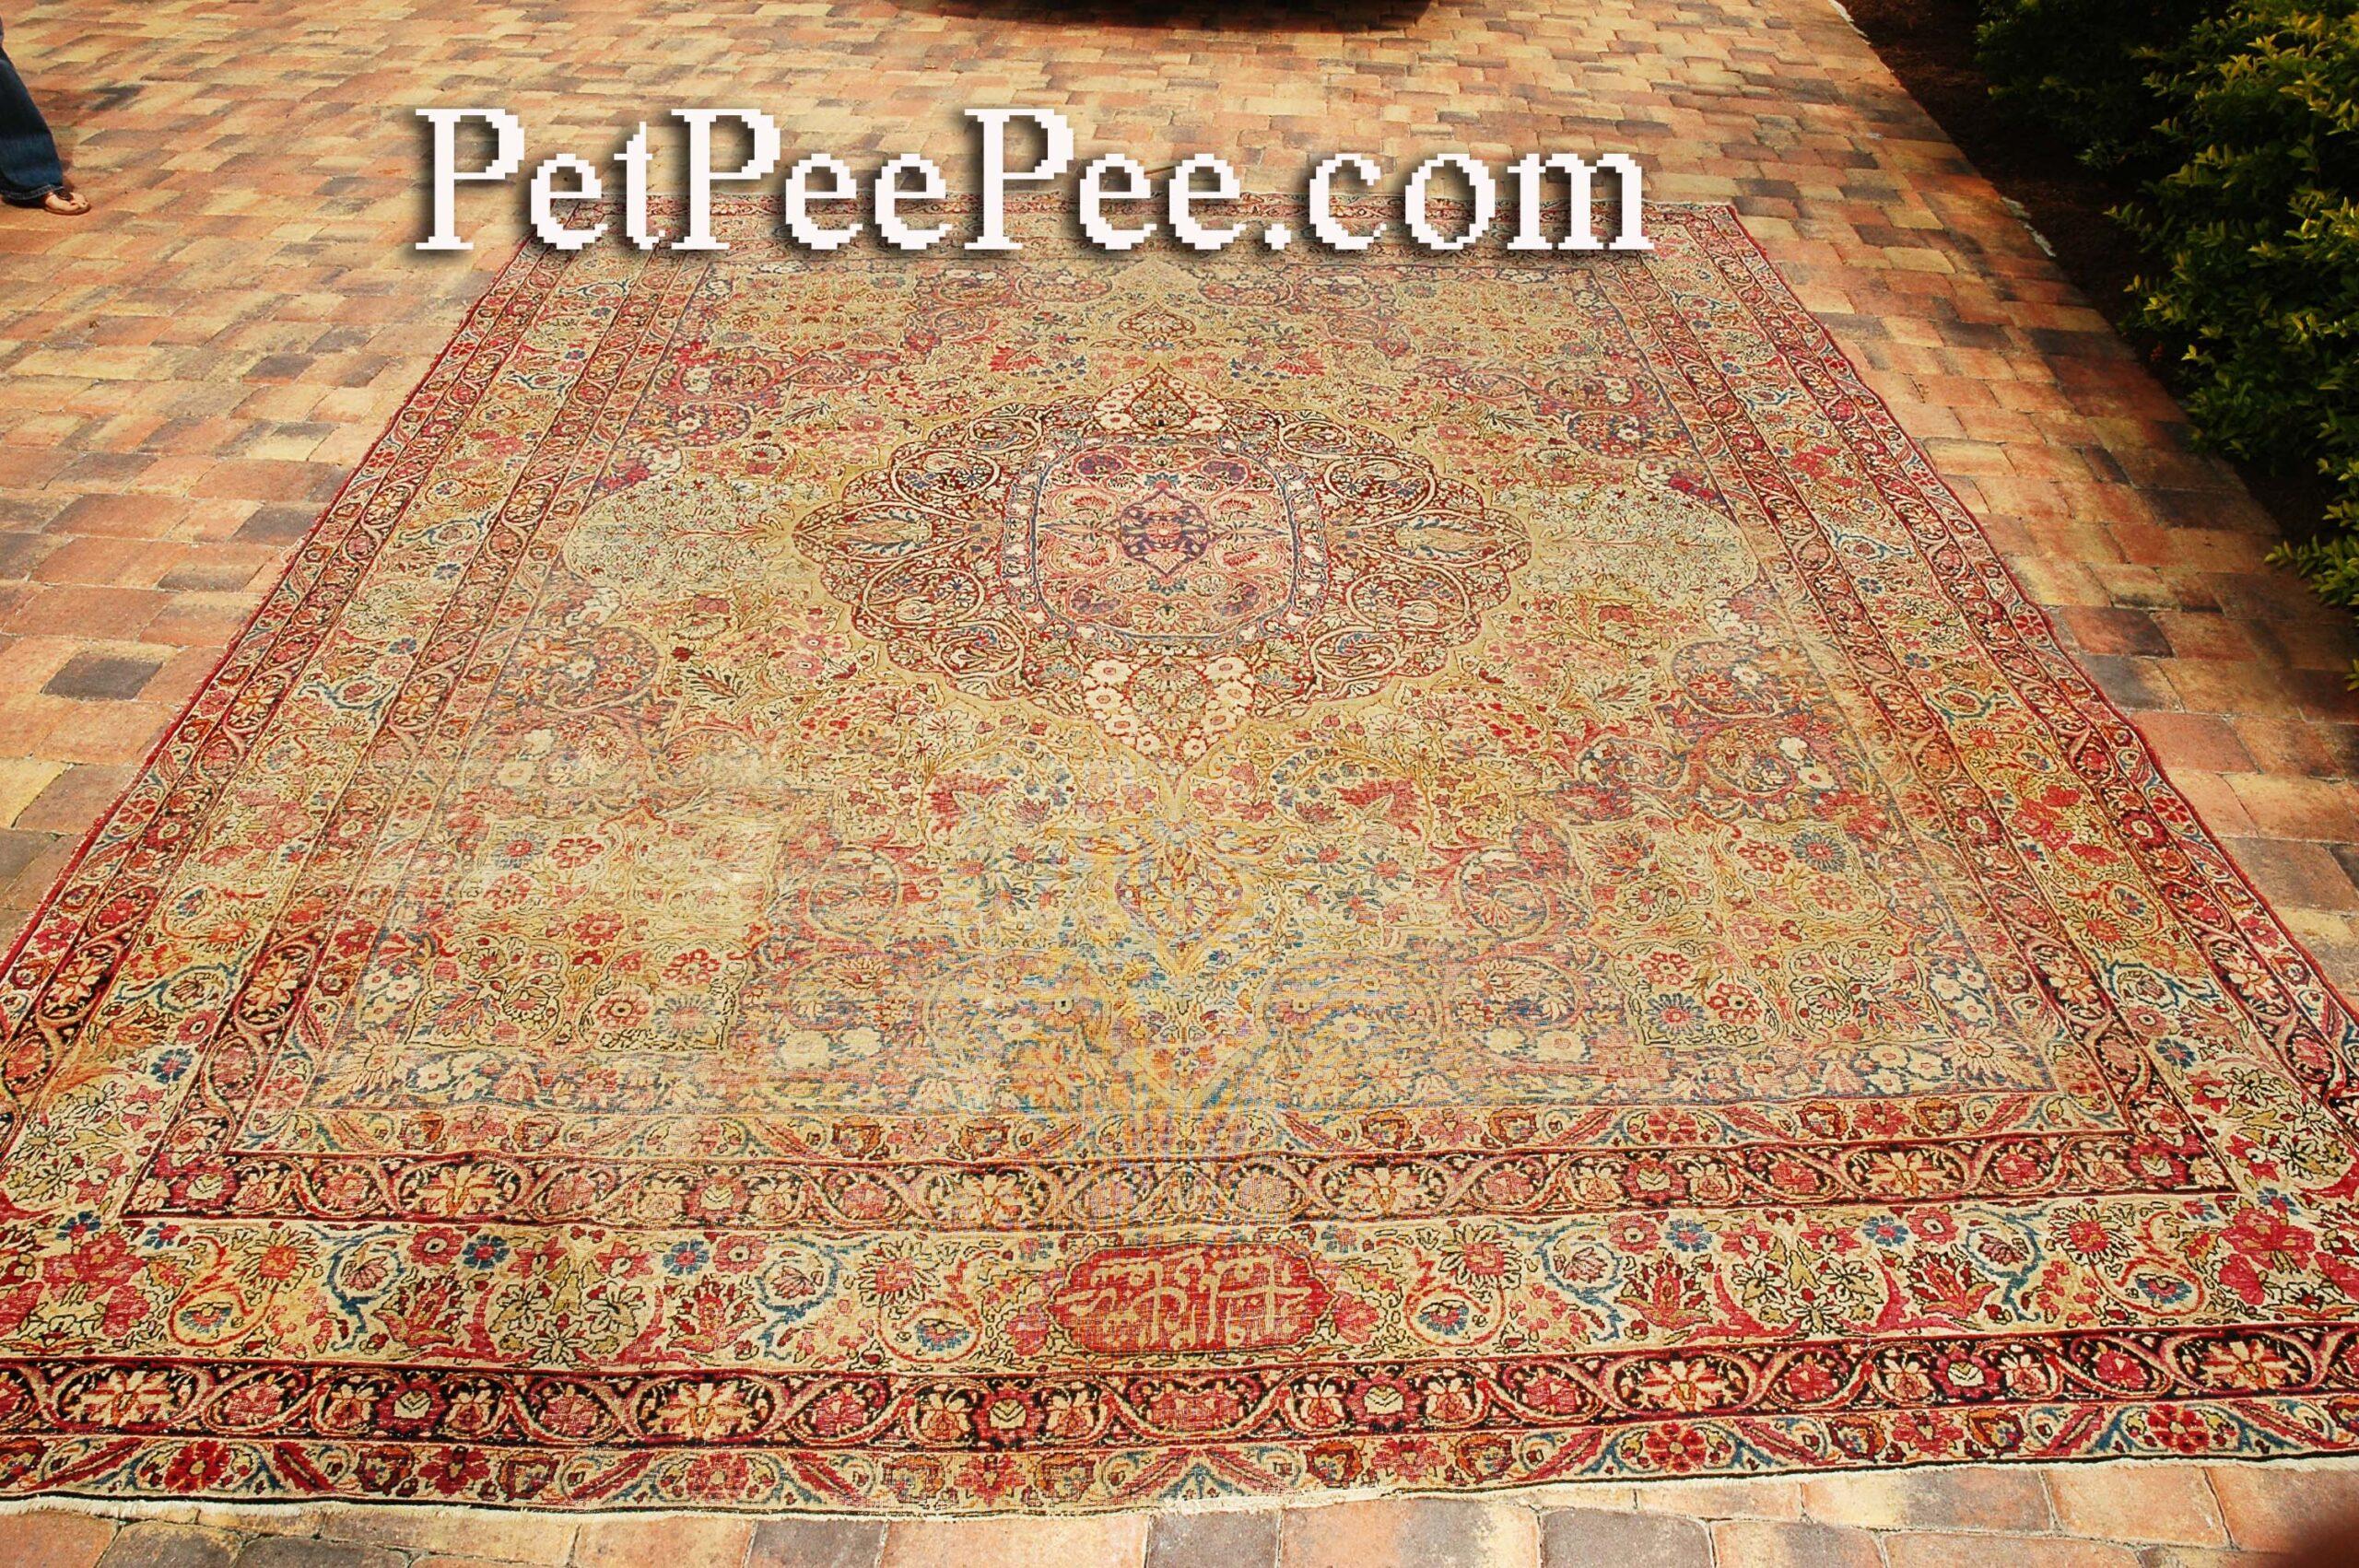 美國佛羅里達州 PetPeePee 公司運送古董波斯絲綢地毯以去除貓尿氣味。